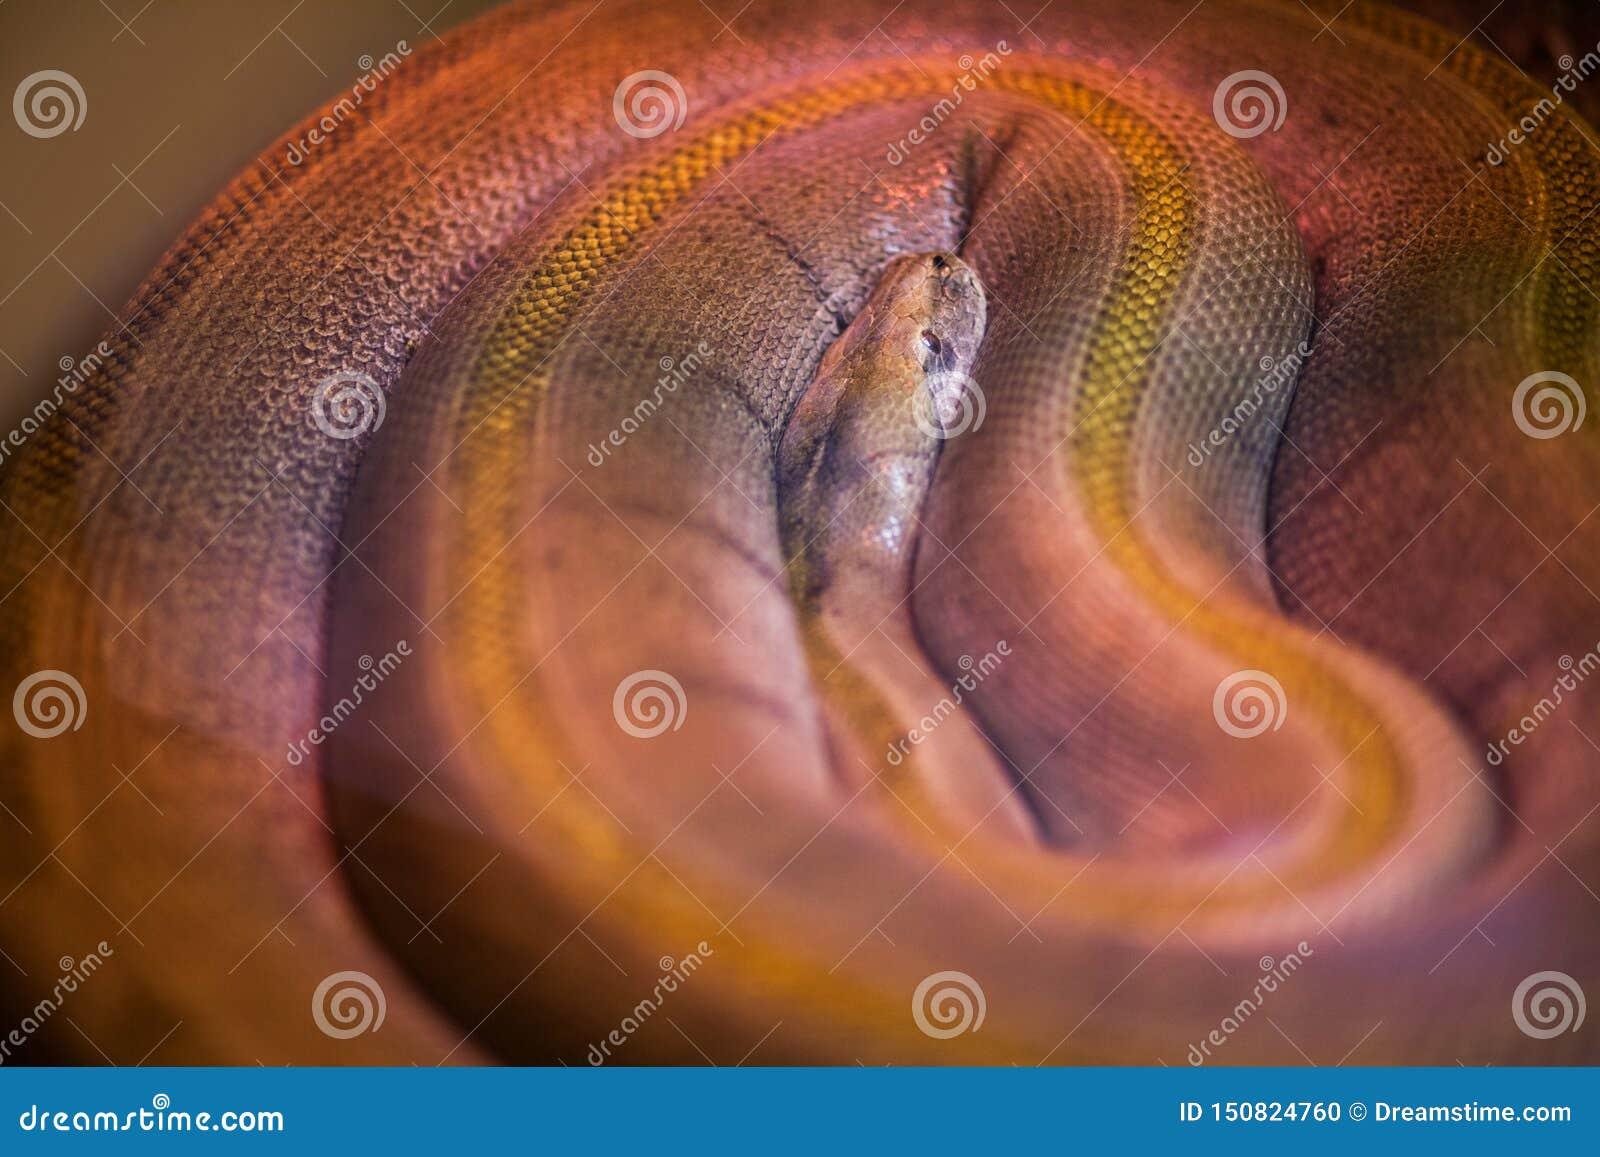 Serpiente salvaje grande con la piel nacarada en colores defferent